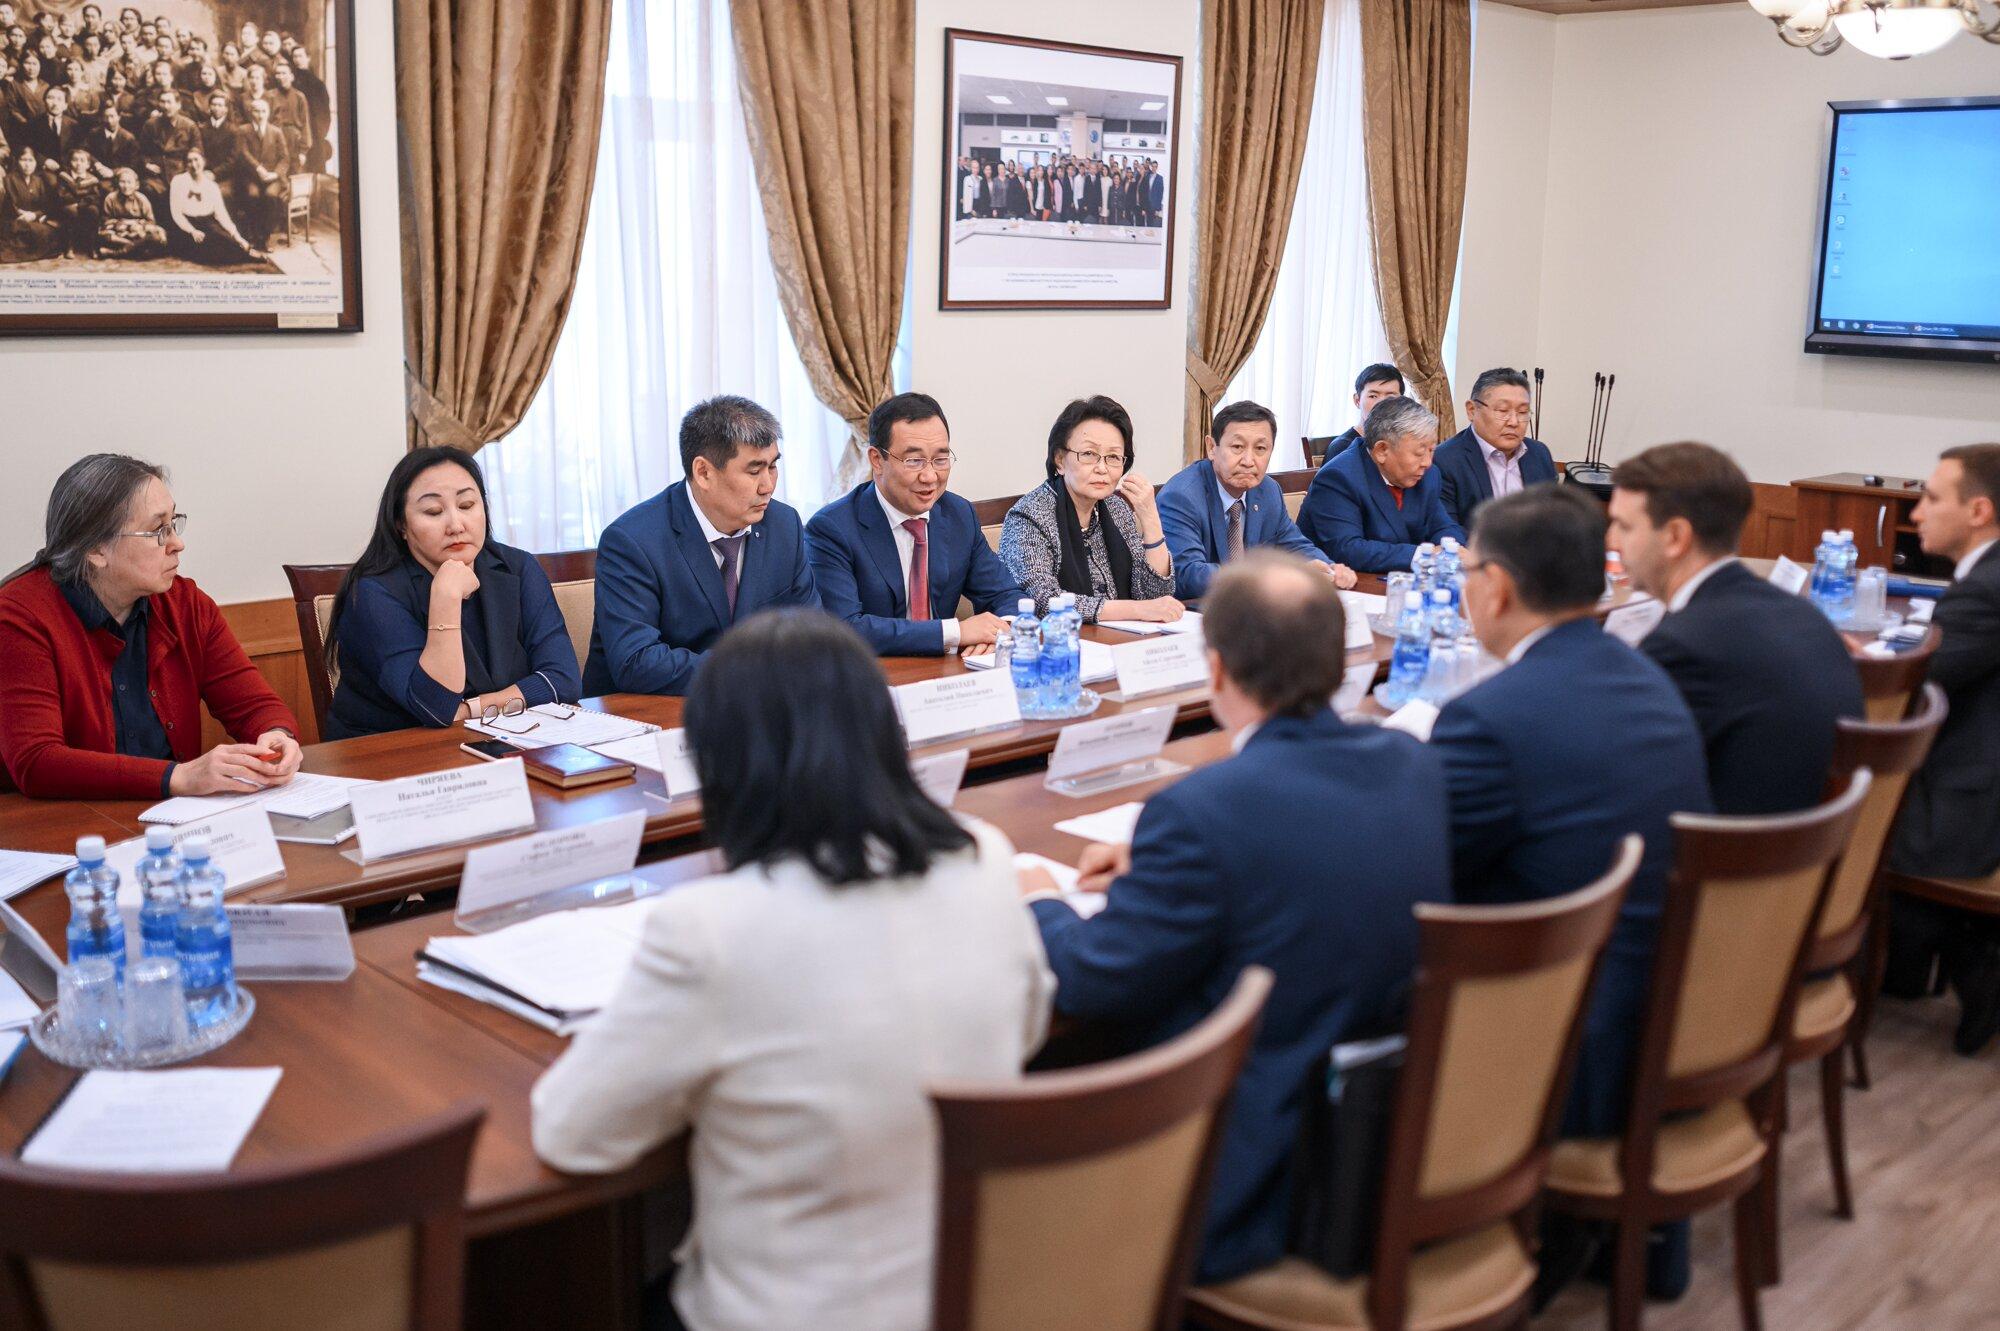 Айсен Николаев: Научно-образовательный центр в Якутске должен выйти на мировой уровень